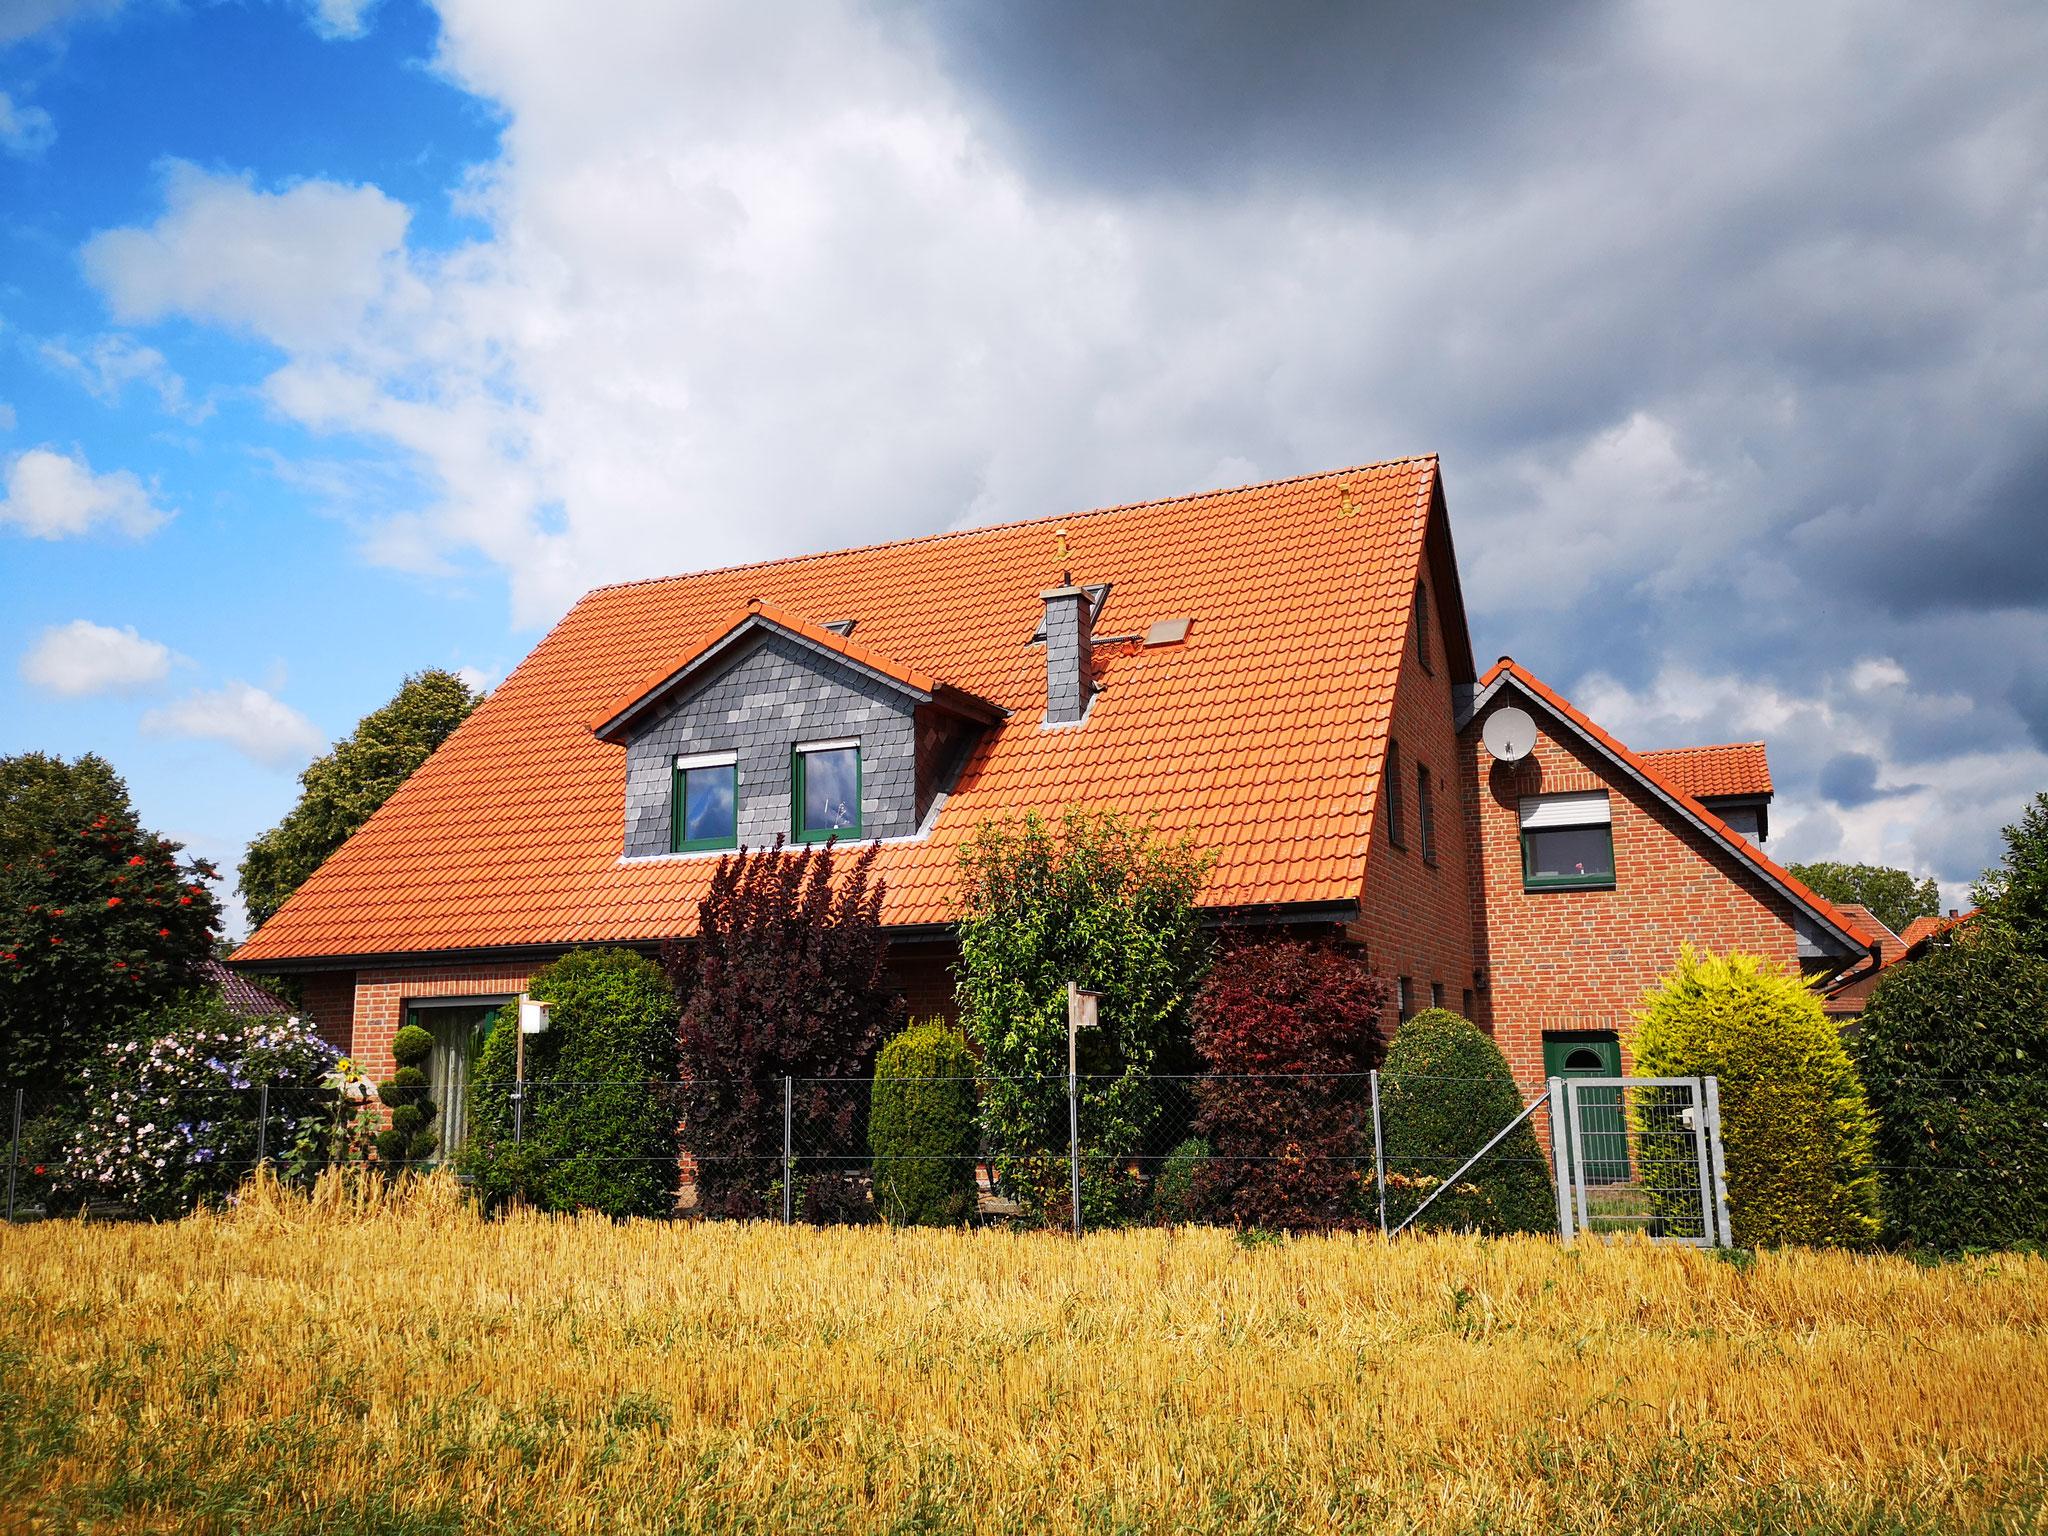 Das Idensener Feldschlösschen finden Sie unter Wunstorf / Ortsteile.